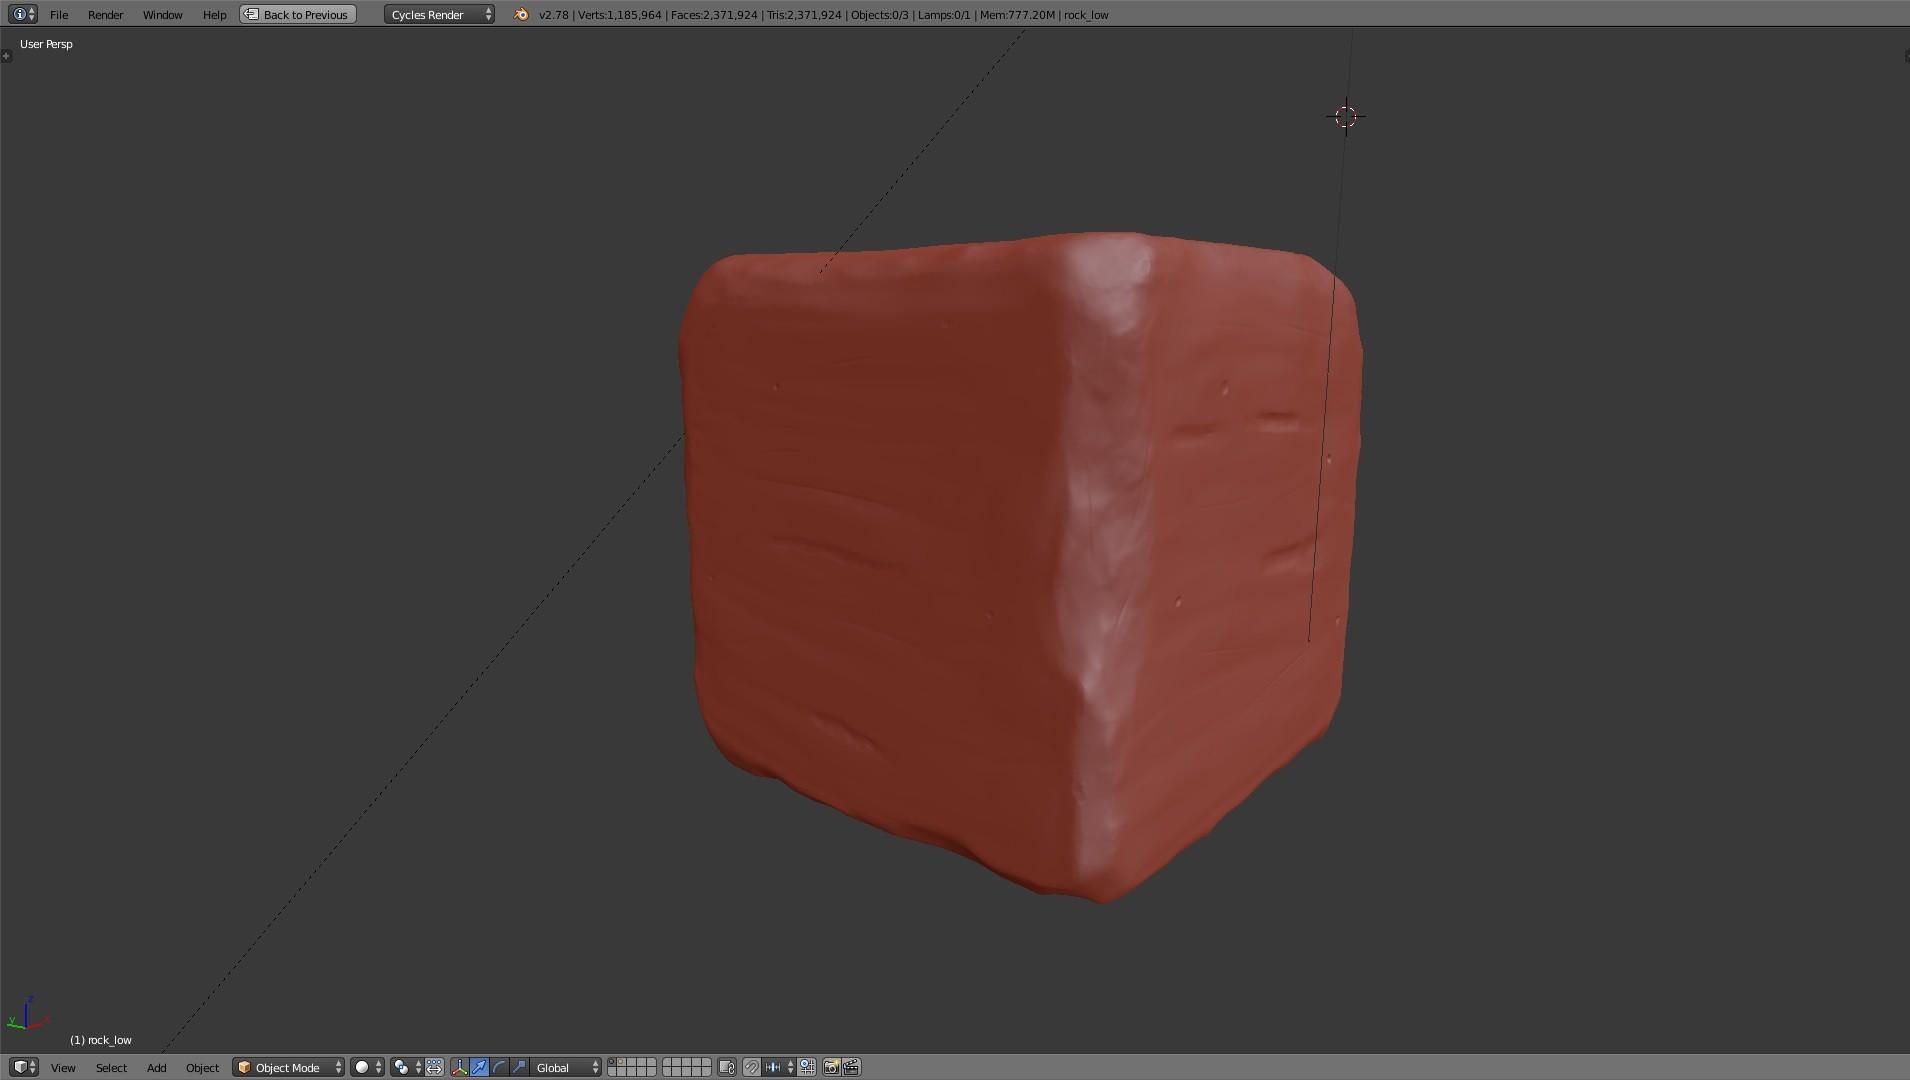 TUTO Blender : Créer un set de texture à partir d'un sculpt complexe avec Blender 2.7 sur Tuto.com